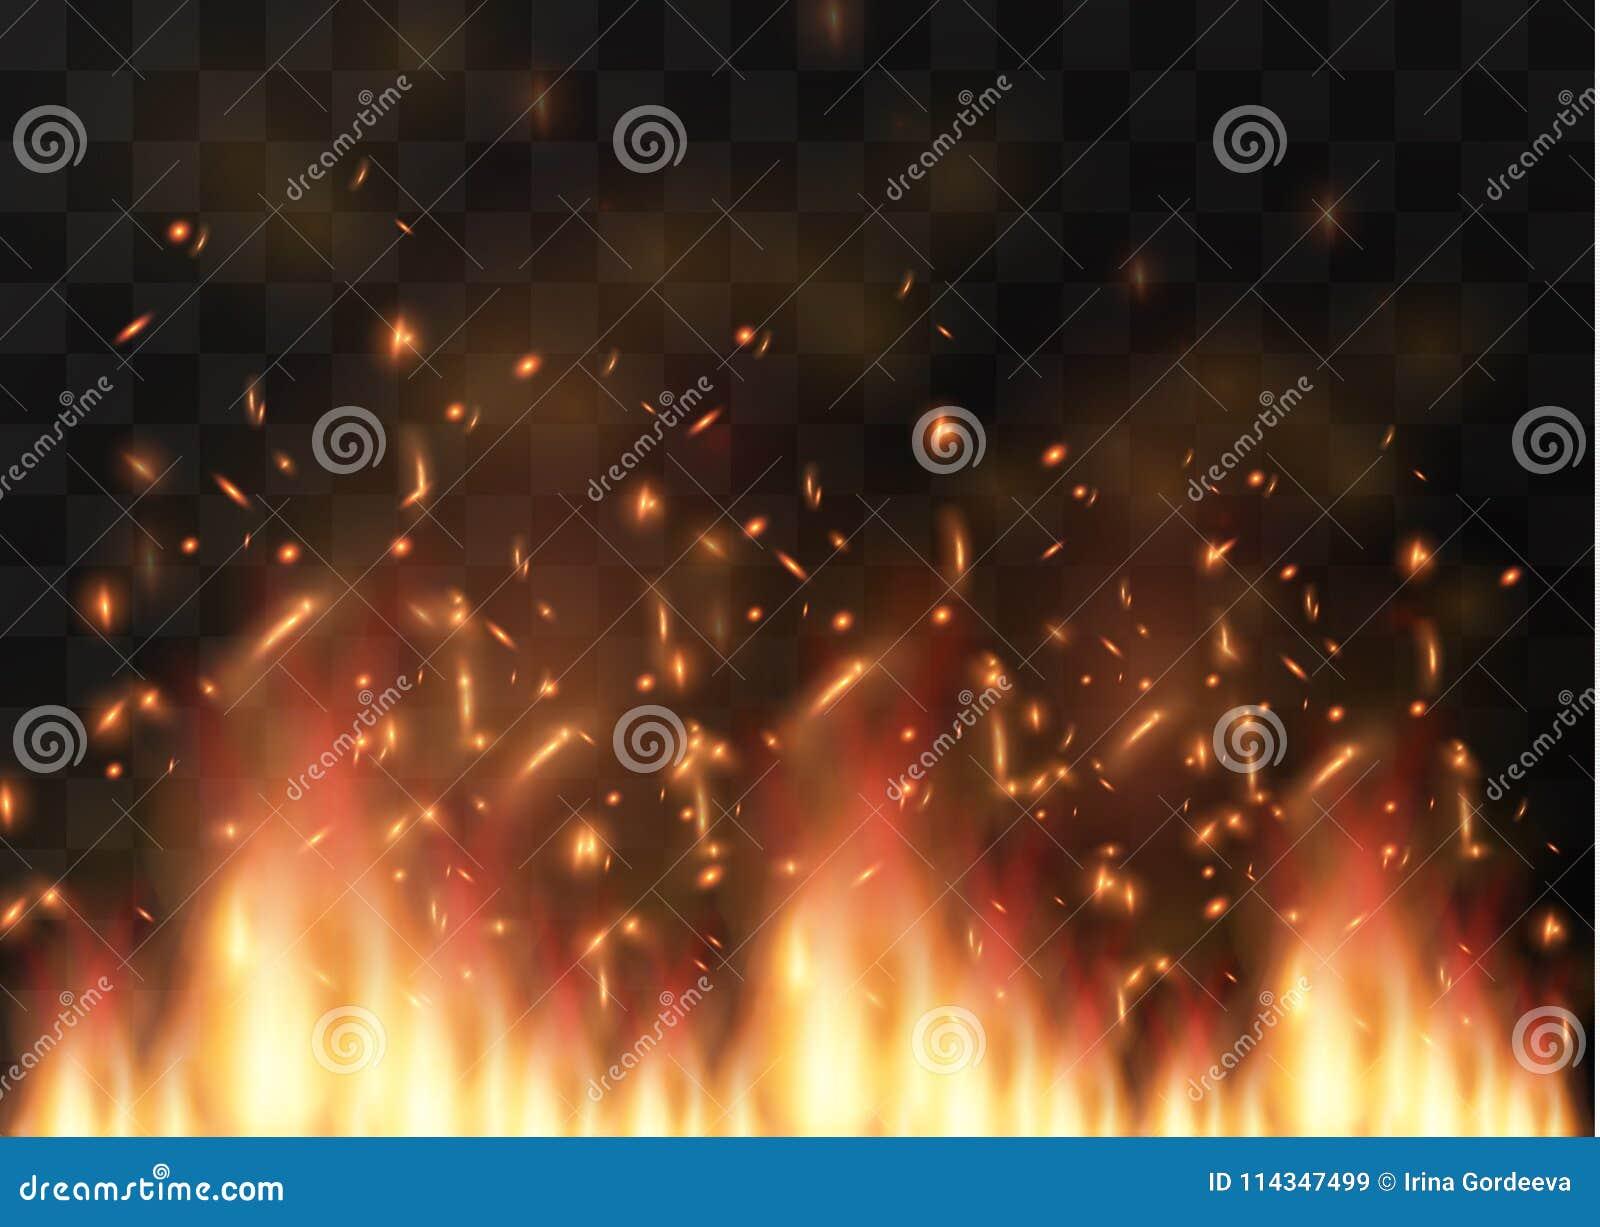 Элемент специального эффекта реалистического огня вектора прозрачный Горячее пламя разрывает Лагерный костер Верхний слой жары Ог